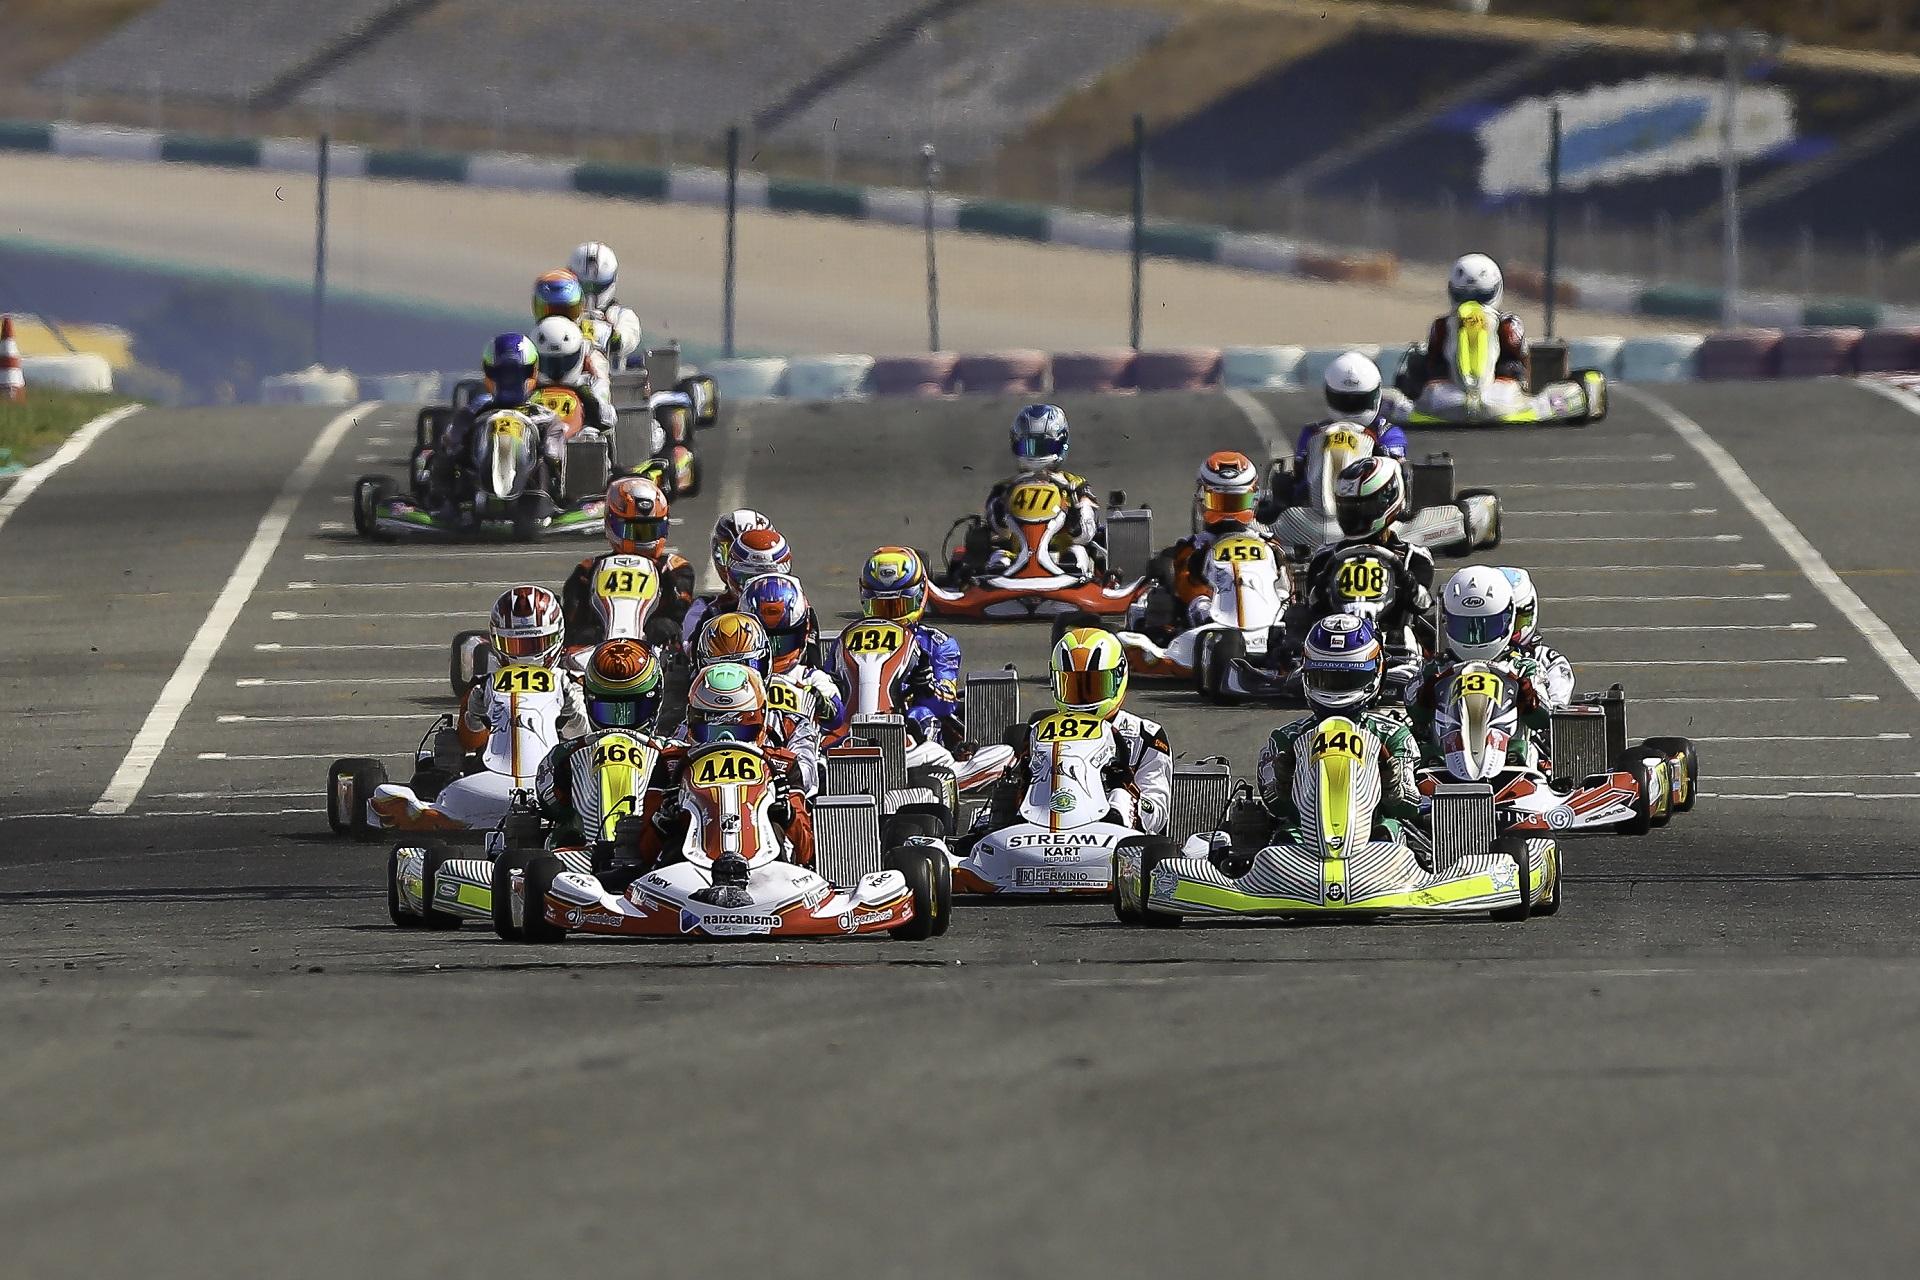 Luís Alves e Miguel Silva começam na frente da categoria X30 do CPK em Portimão